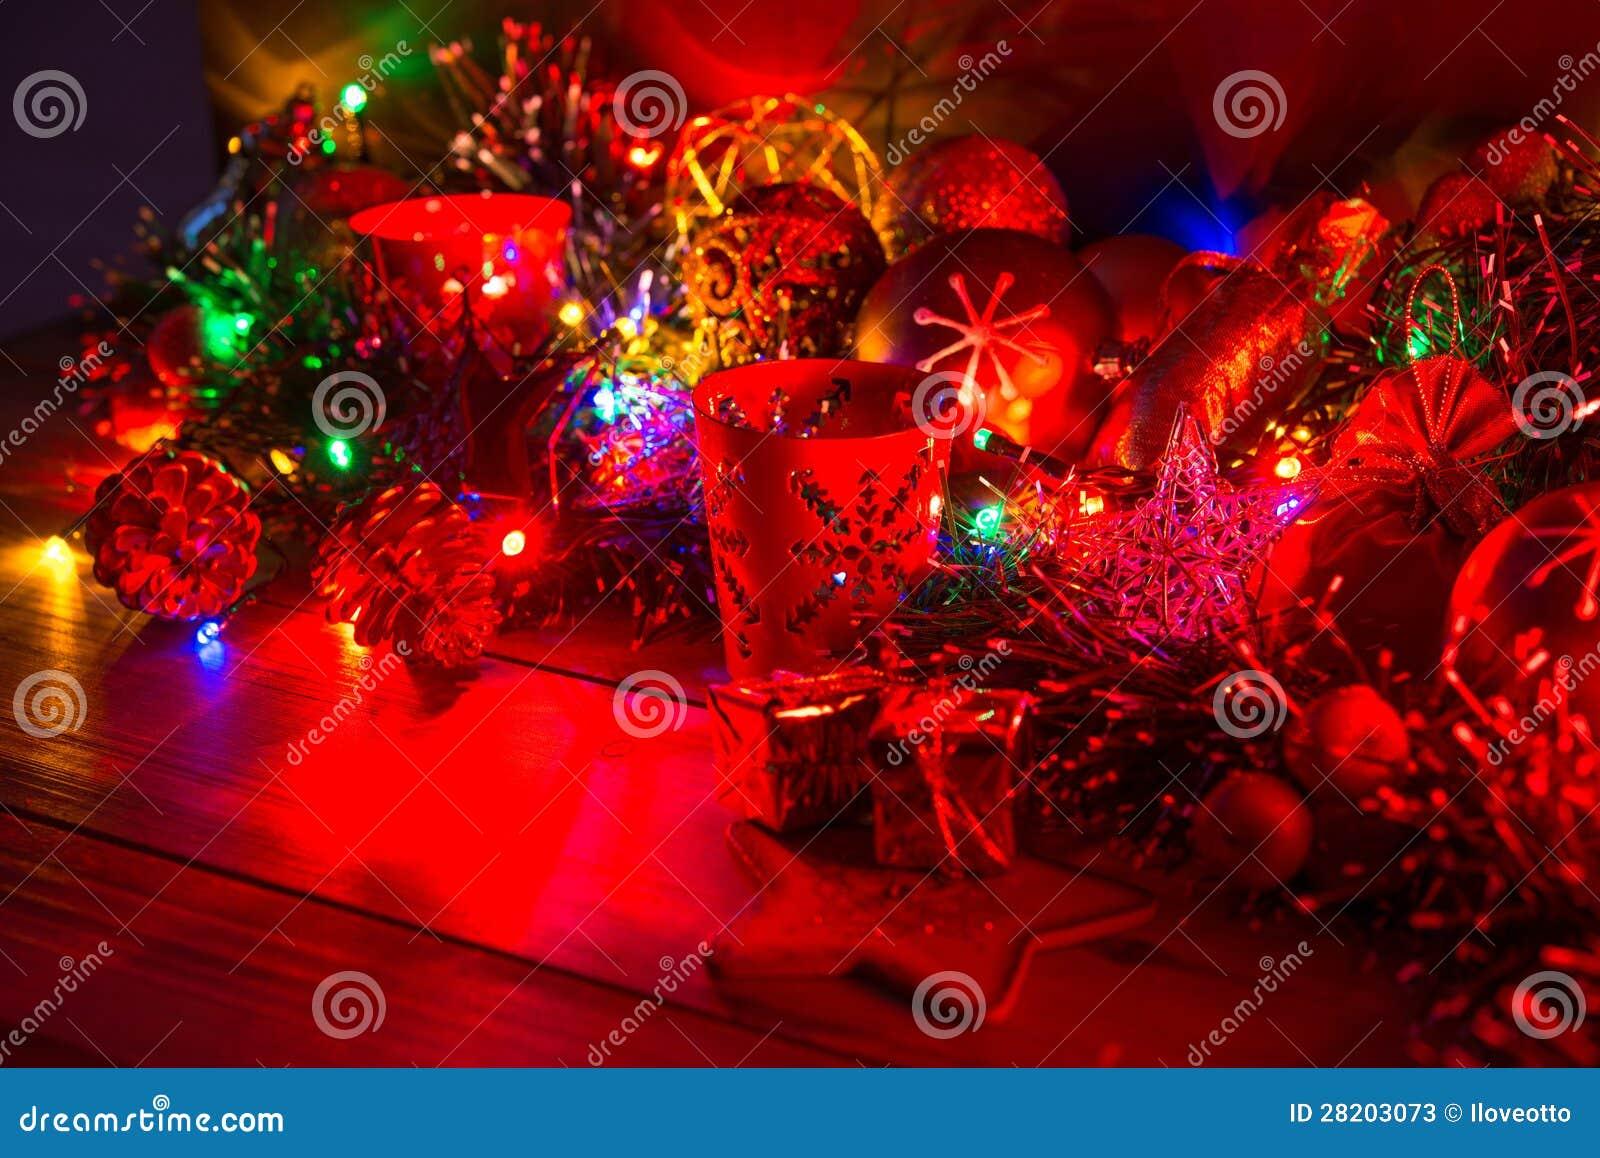 Decoraci n de la navidad con las velas fotos de archivo - Decoracion de navidad con velas ...